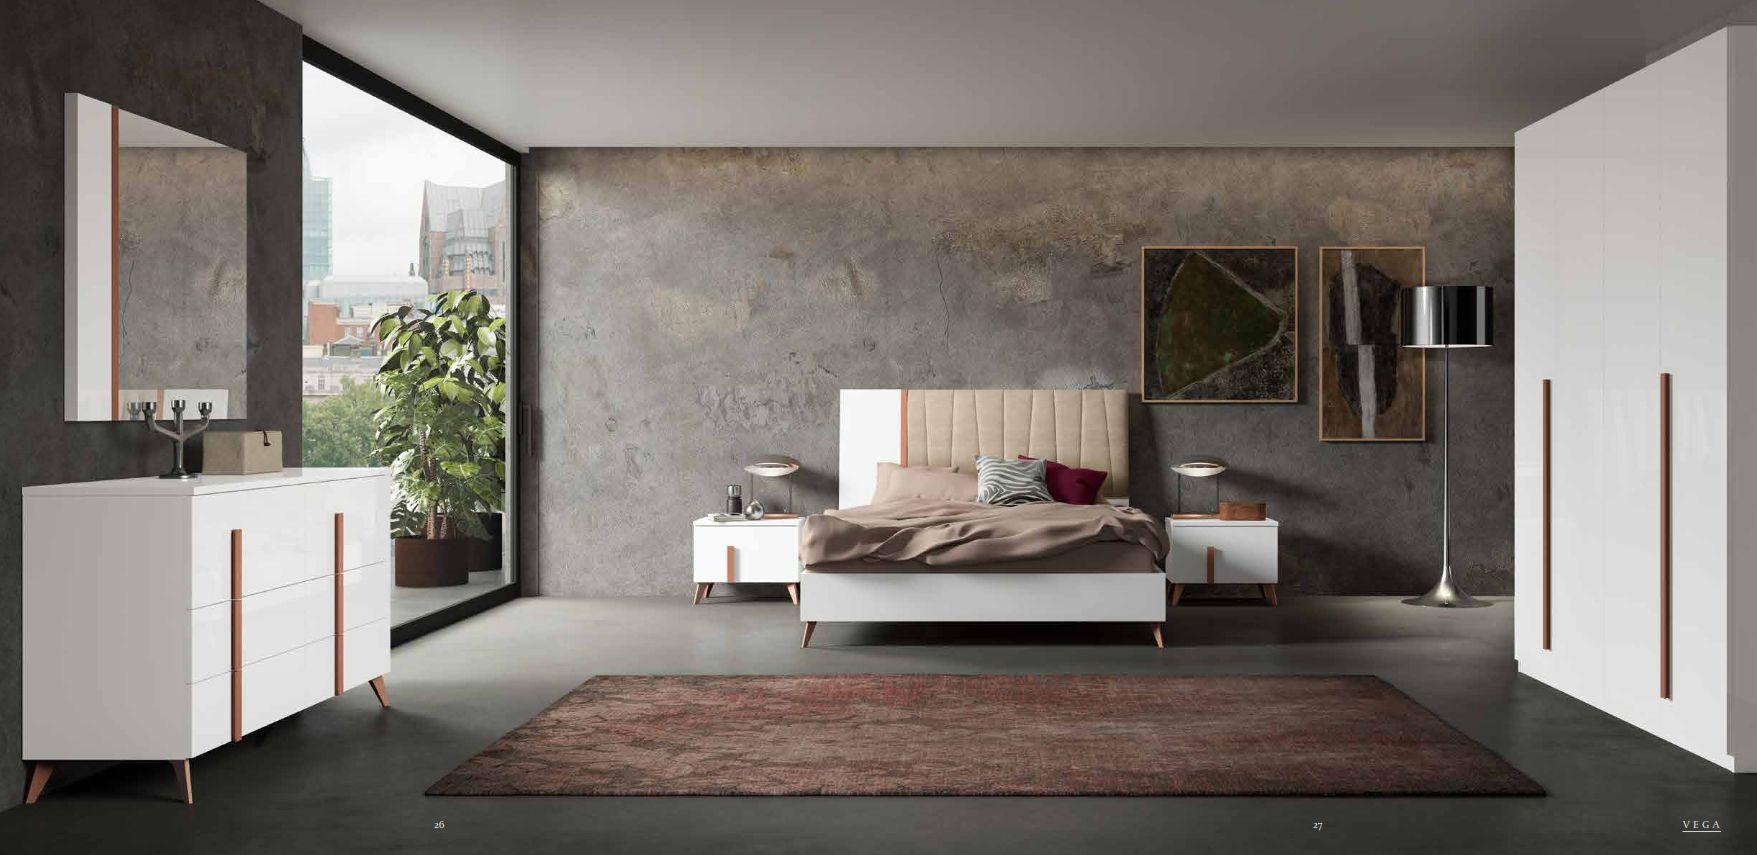 Vega Salotti Srl.Bedrooms Bedroom Status Vega Seriesfurniture From Italy